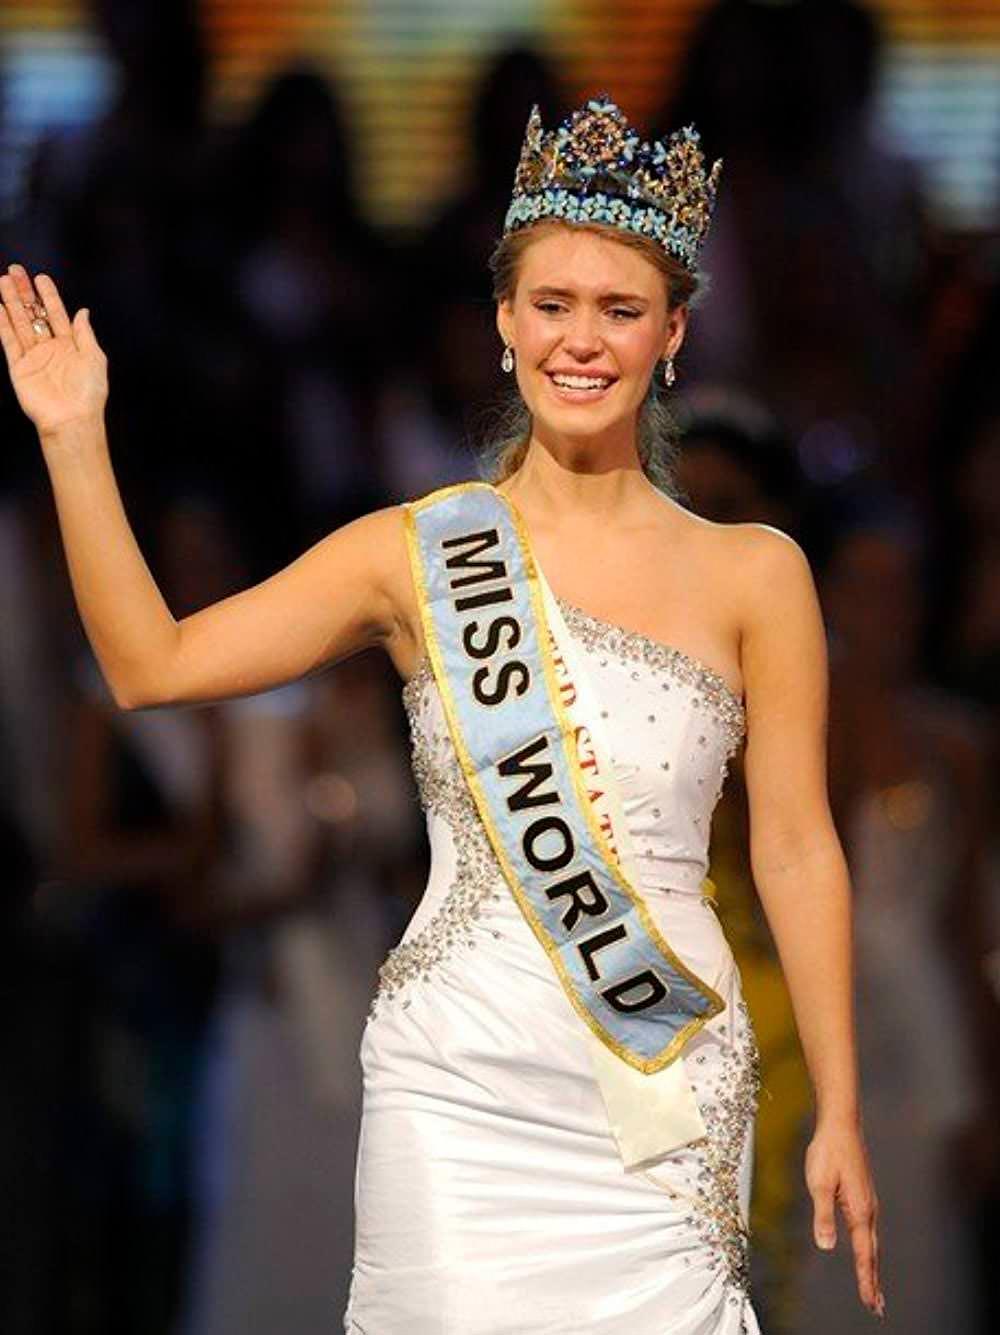 Фото | Мисс Мира 2010 года Александрия Миллс